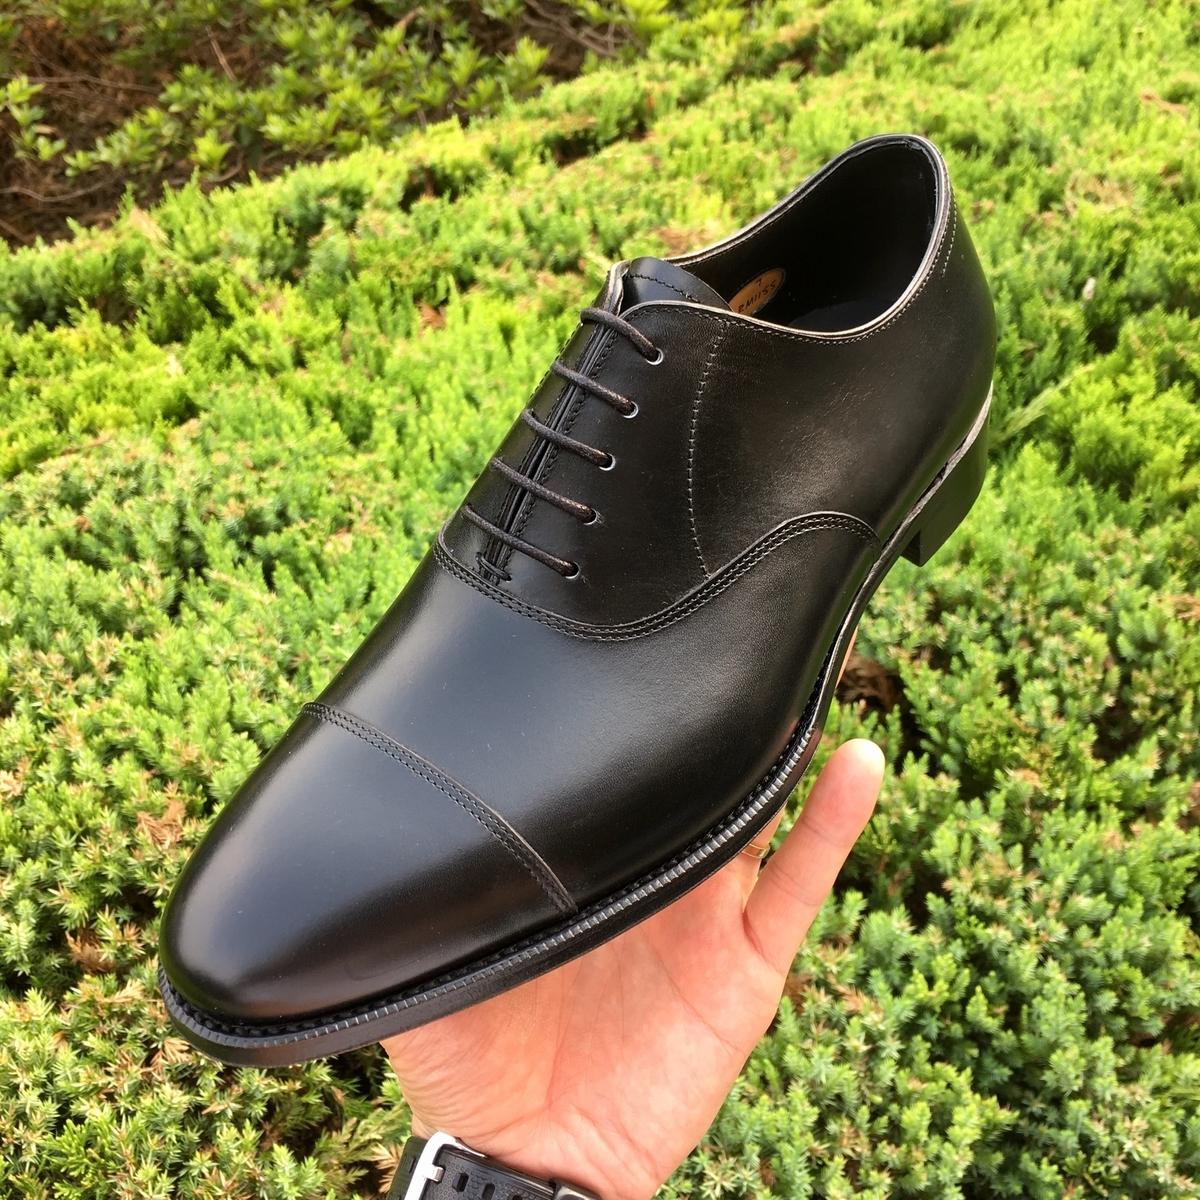 f:id:raymar-shoes:20190914221408j:plain